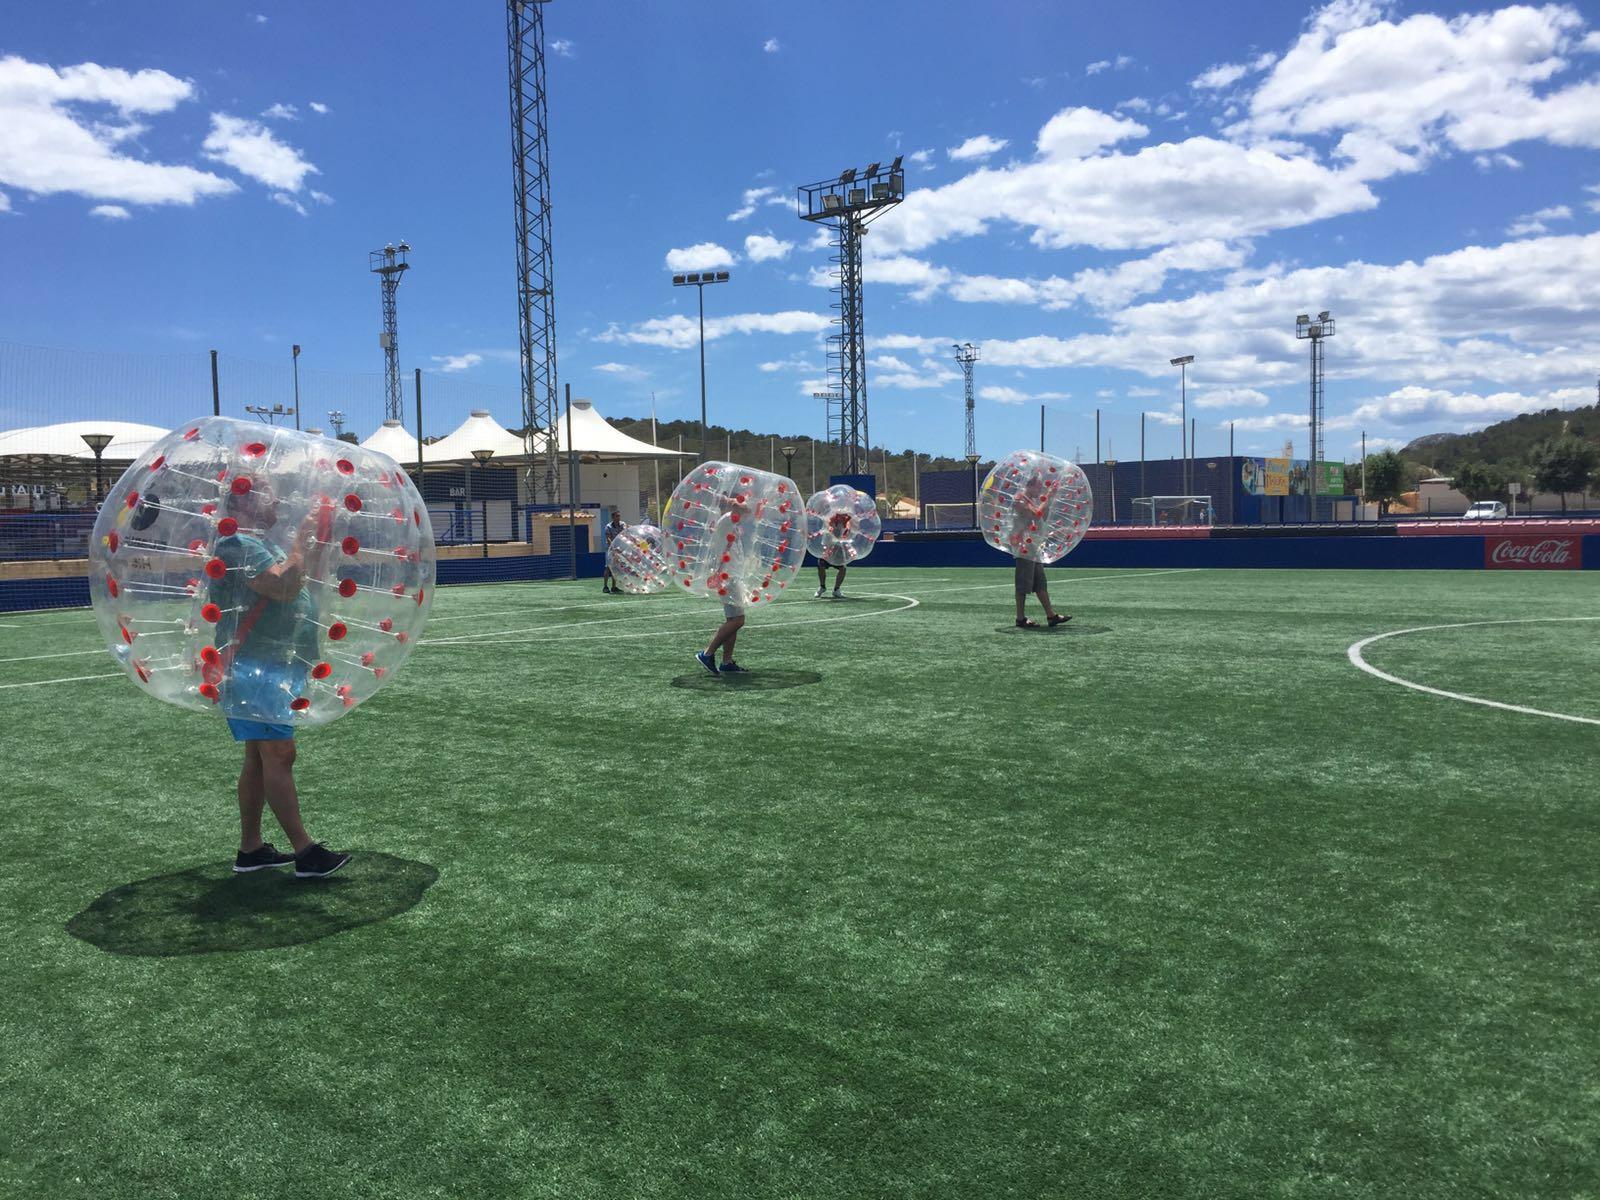 Fútbol Burbuja, Marina Alta y Alicante - Bubblesoccer-foto4